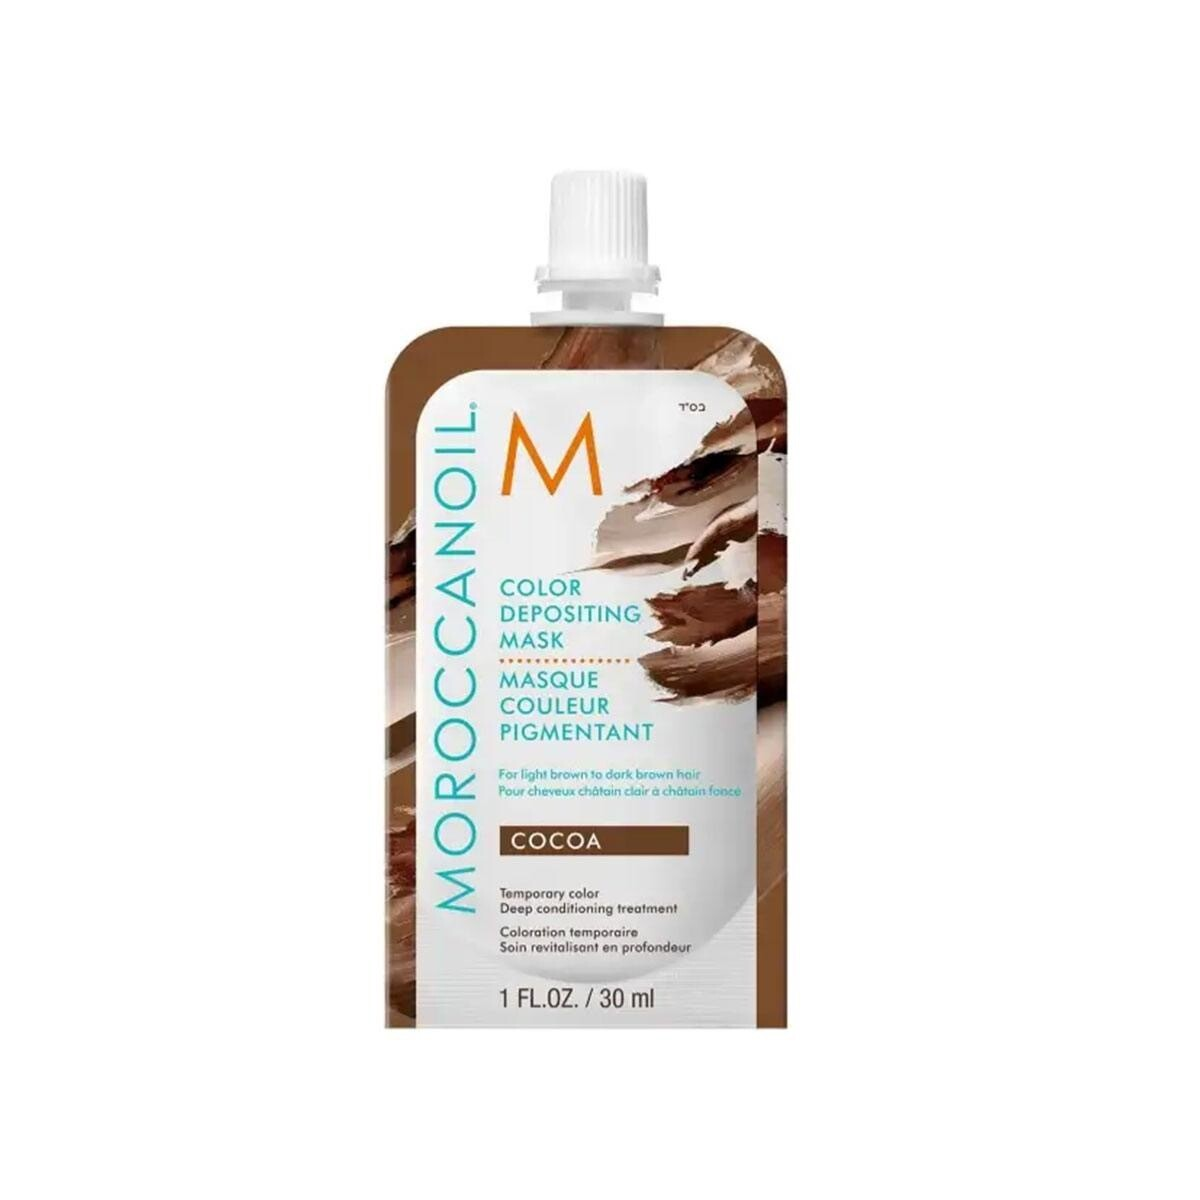 Masque Pigmentant Cocoa 30ml